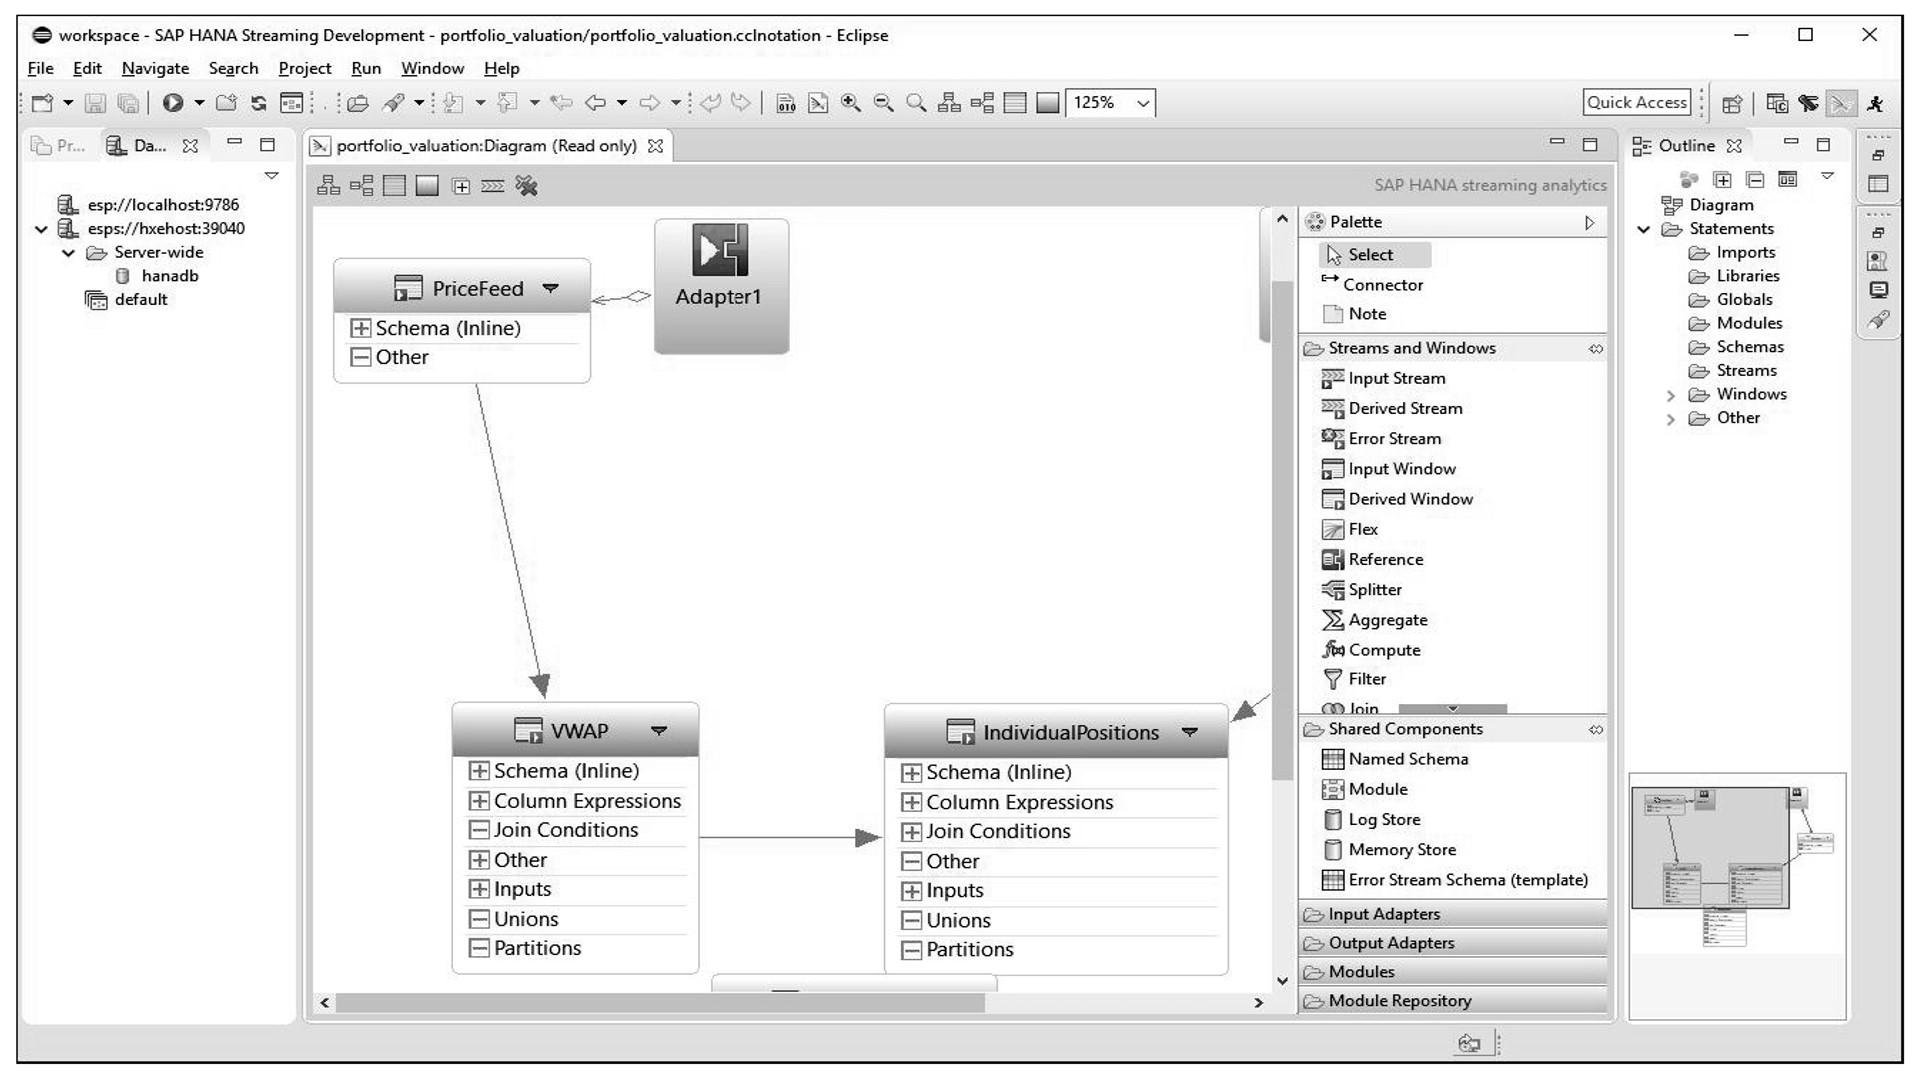 SAP HANA Streaming Analytics Studio